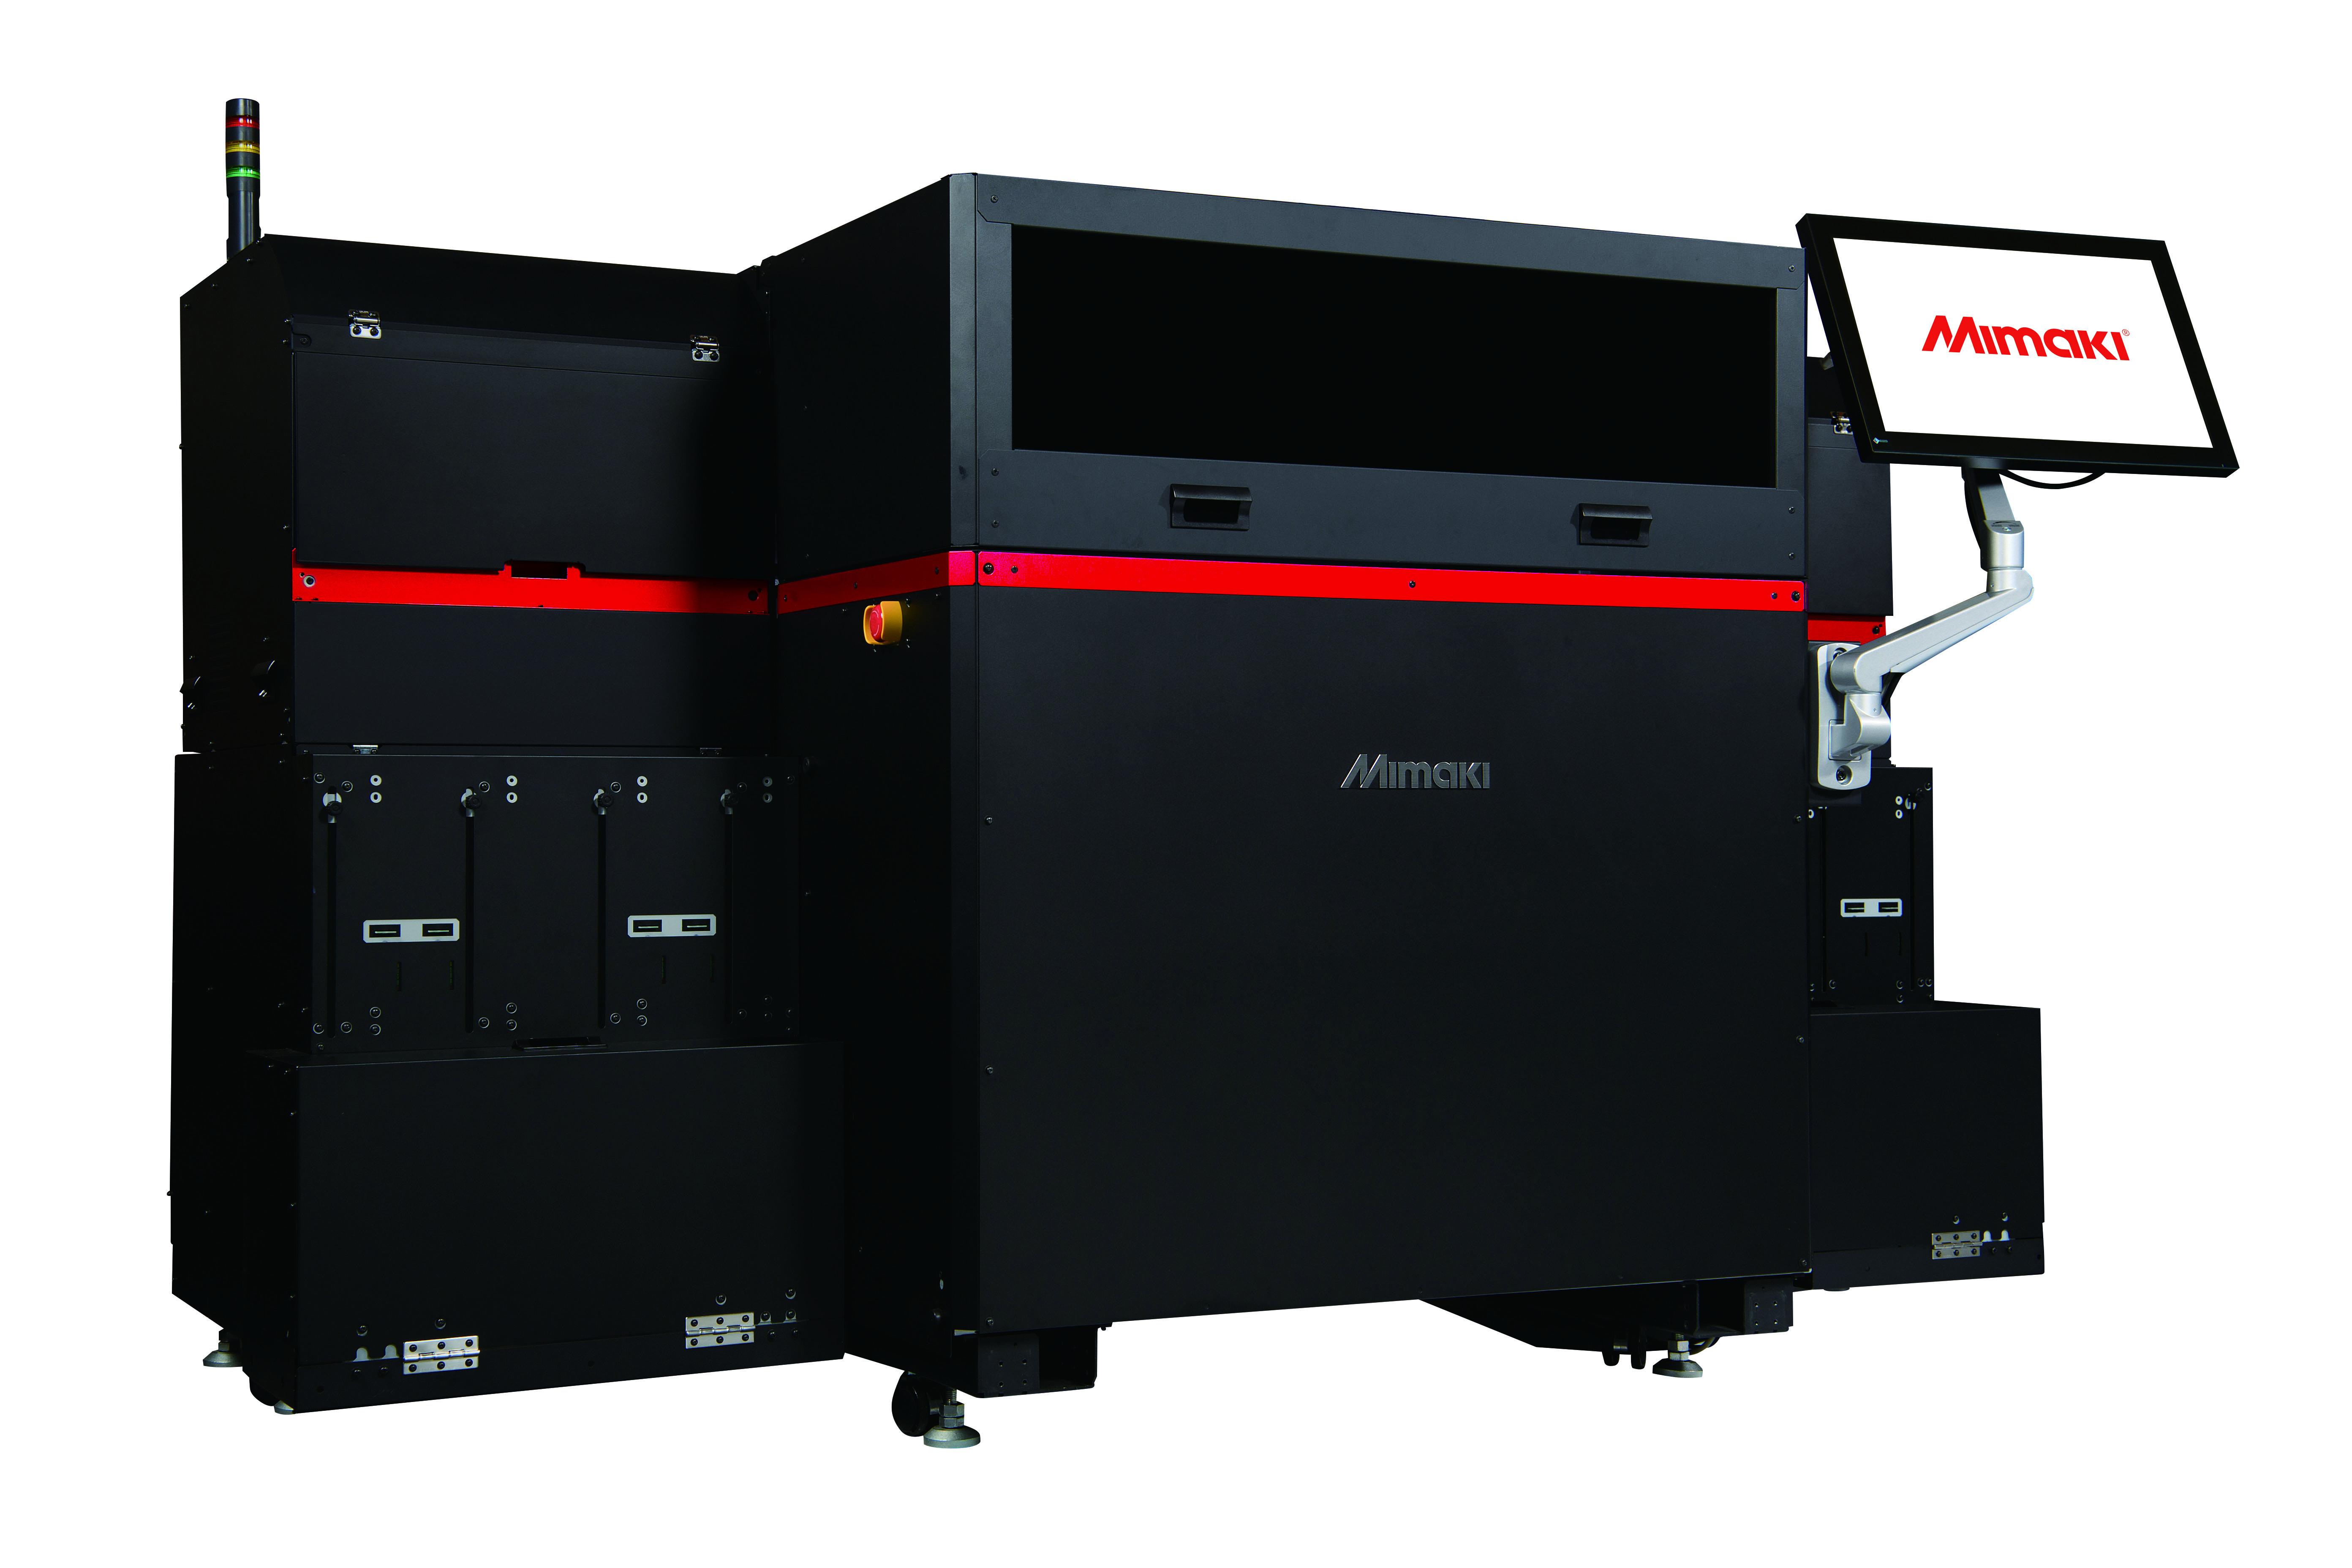 mimaki vollfarb 3d drucker 3DUJ 553 - Mimaki präsentiert Vollfarb-3D-Drucker 3DUJ-553